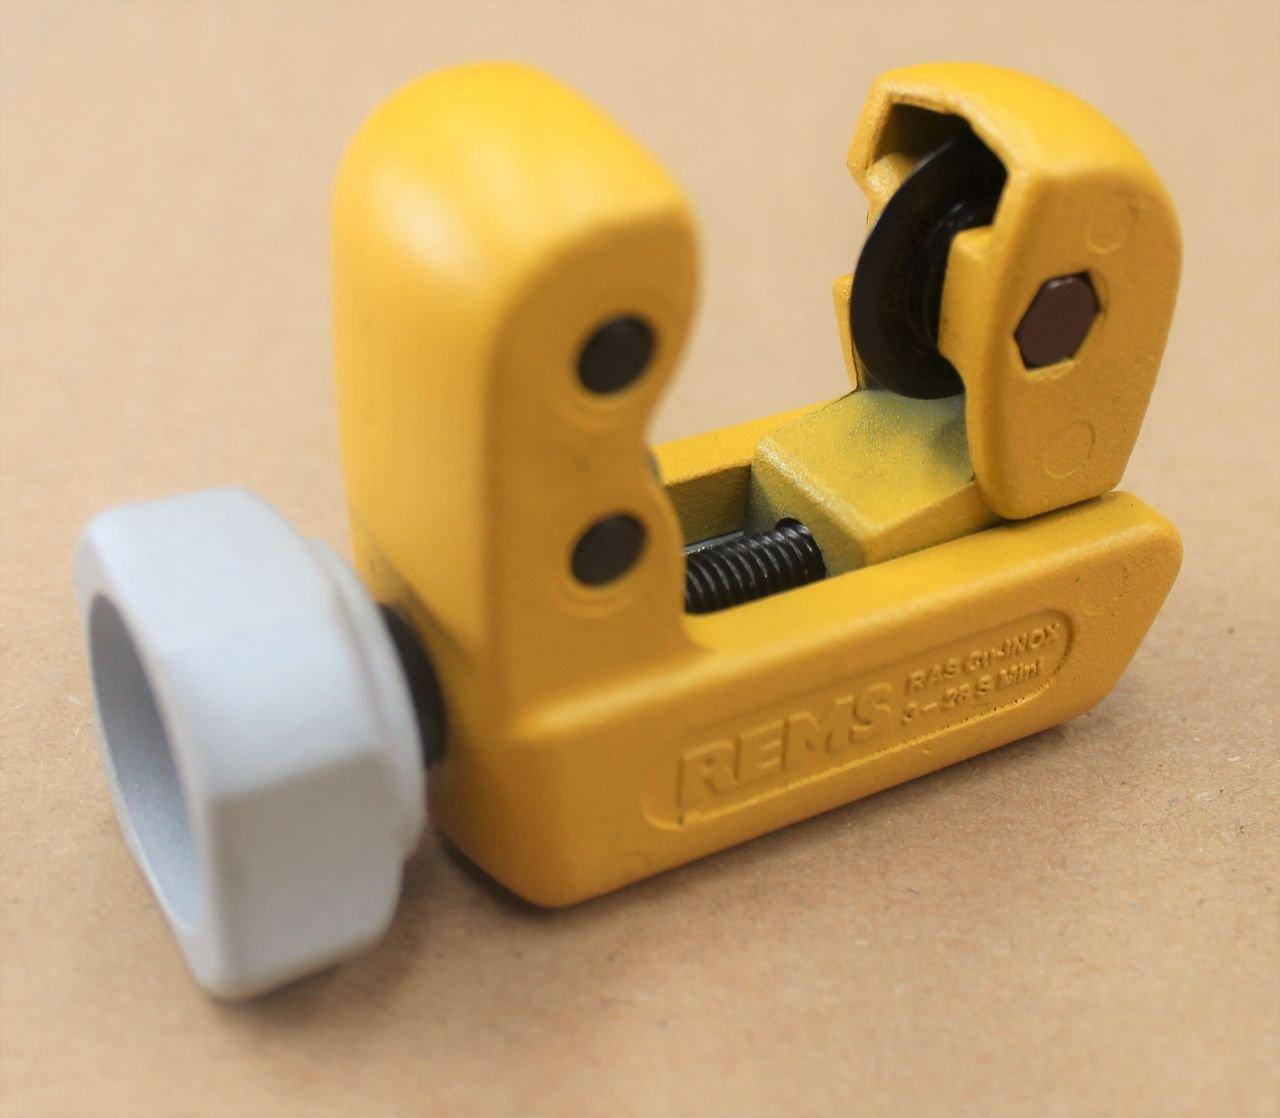 REMS Rohrabschneider RAS Cu-INOX 3-28 Mini - Installationswerkzeug zum Trennen von Rohre Durchmesser 3–28 mm, 1/8–1 1/8', Wanddicke s ≤ mm 4 | klein, handlich, stabile Konstruktion 1/8–1 1/8 Rems Waiblingen